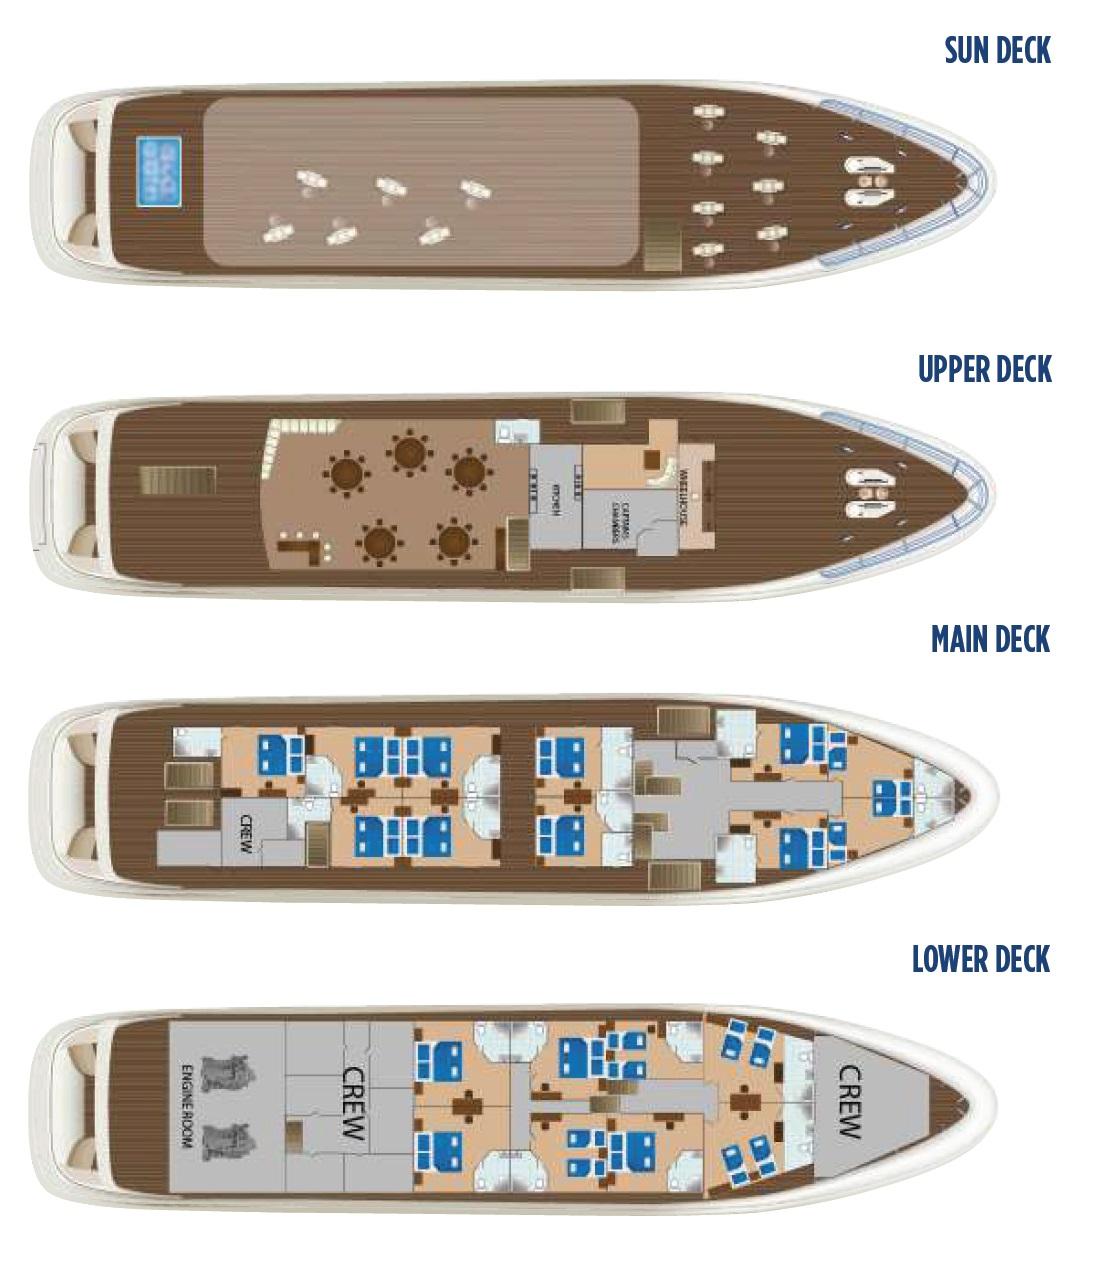 Cristal Deck Plan All decks